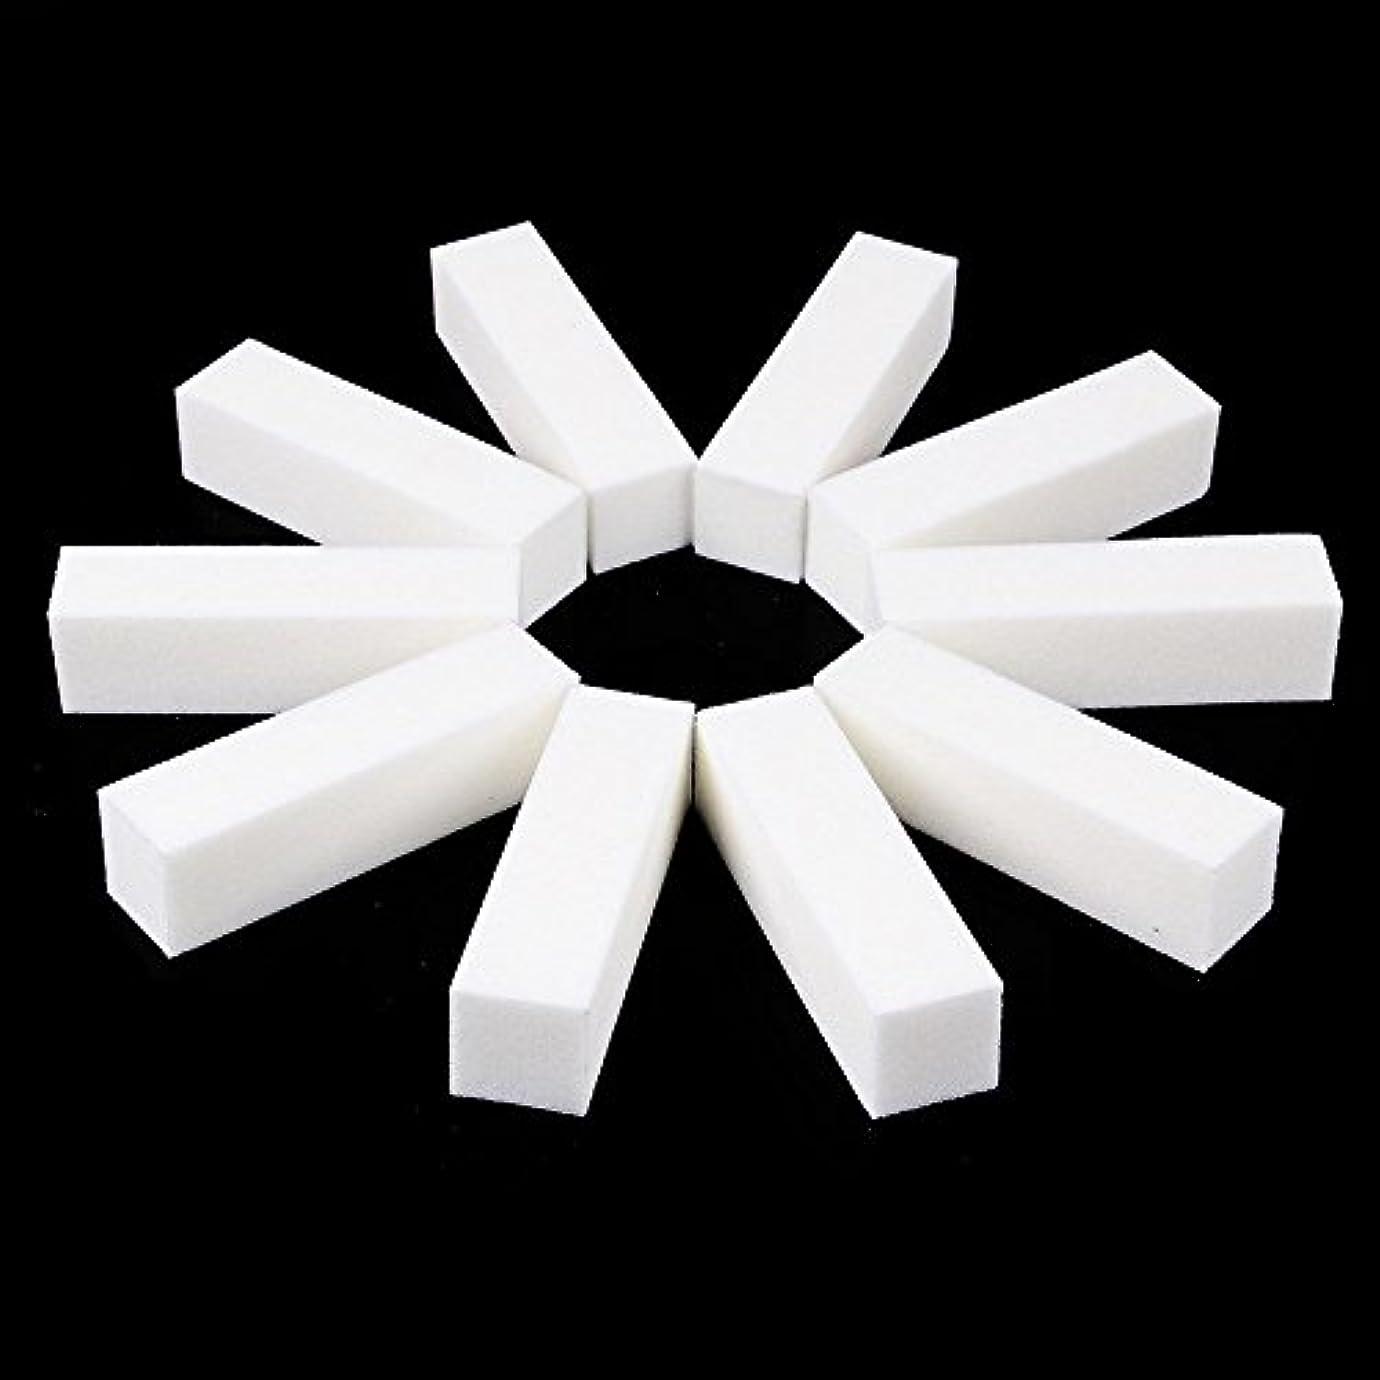 効率的土砂降り軍ネイルファイル サンディングブロック マニキュアツール バッファ ホワイト 4ウェイ 12個セット